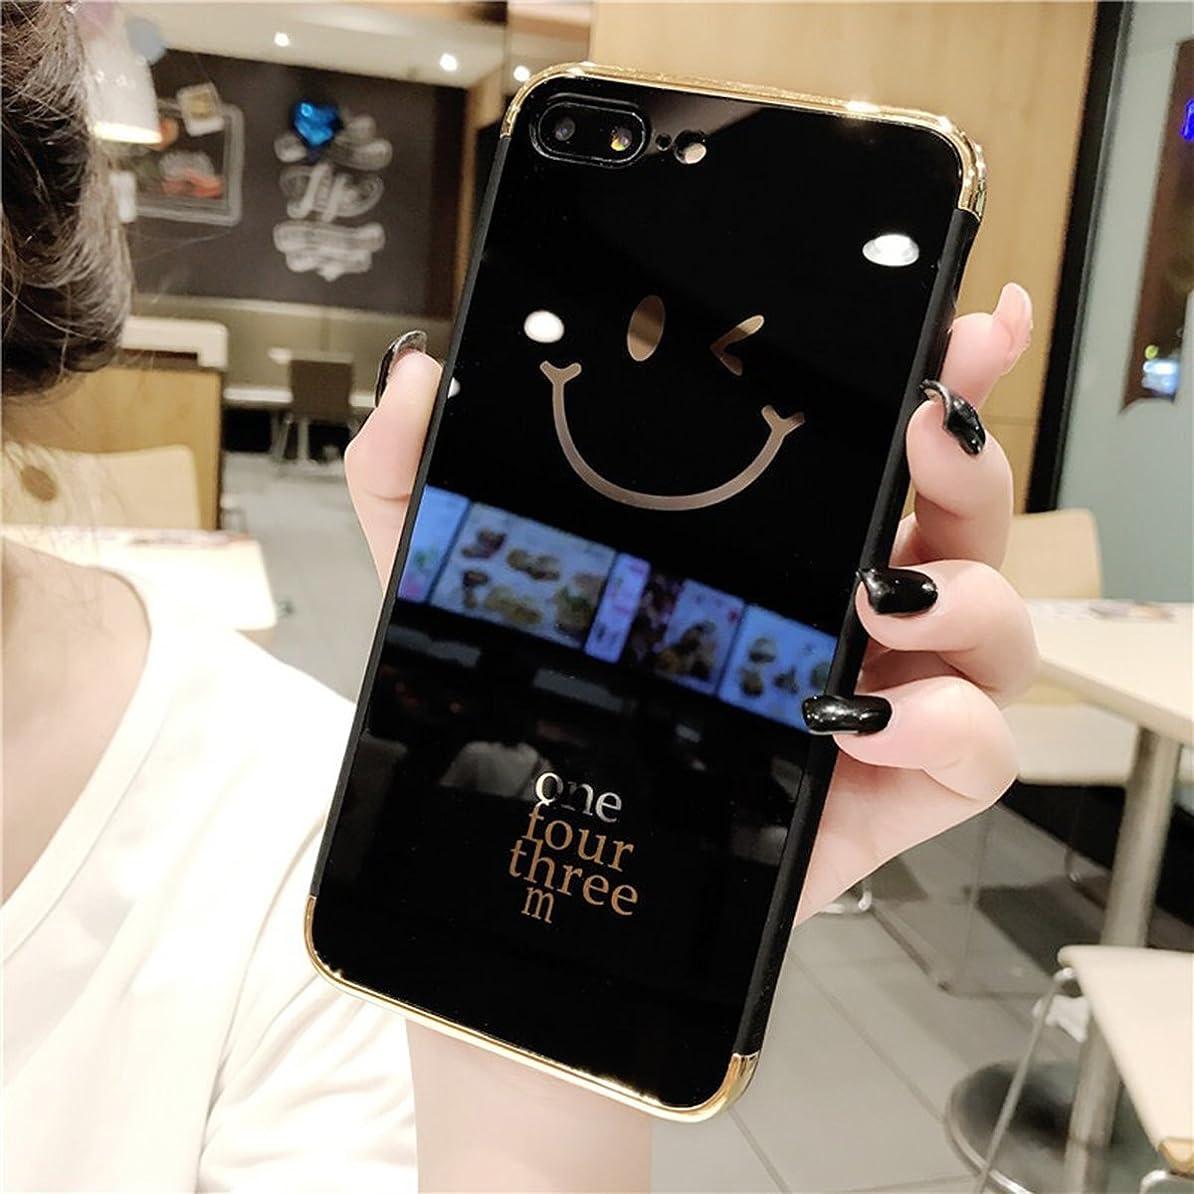 ステージ竜巻頼むiPhone 7?Plusケース、iPhone 8?Plusケース、IKASEFU Shinyメッキミラーアクリルバック耐衝撃ラグジュアリーキラキラBling BrightソフトTPUシリコンバンパー保護カバーfor iPhone 7?Plus/8?Plus IKASEFU00005605